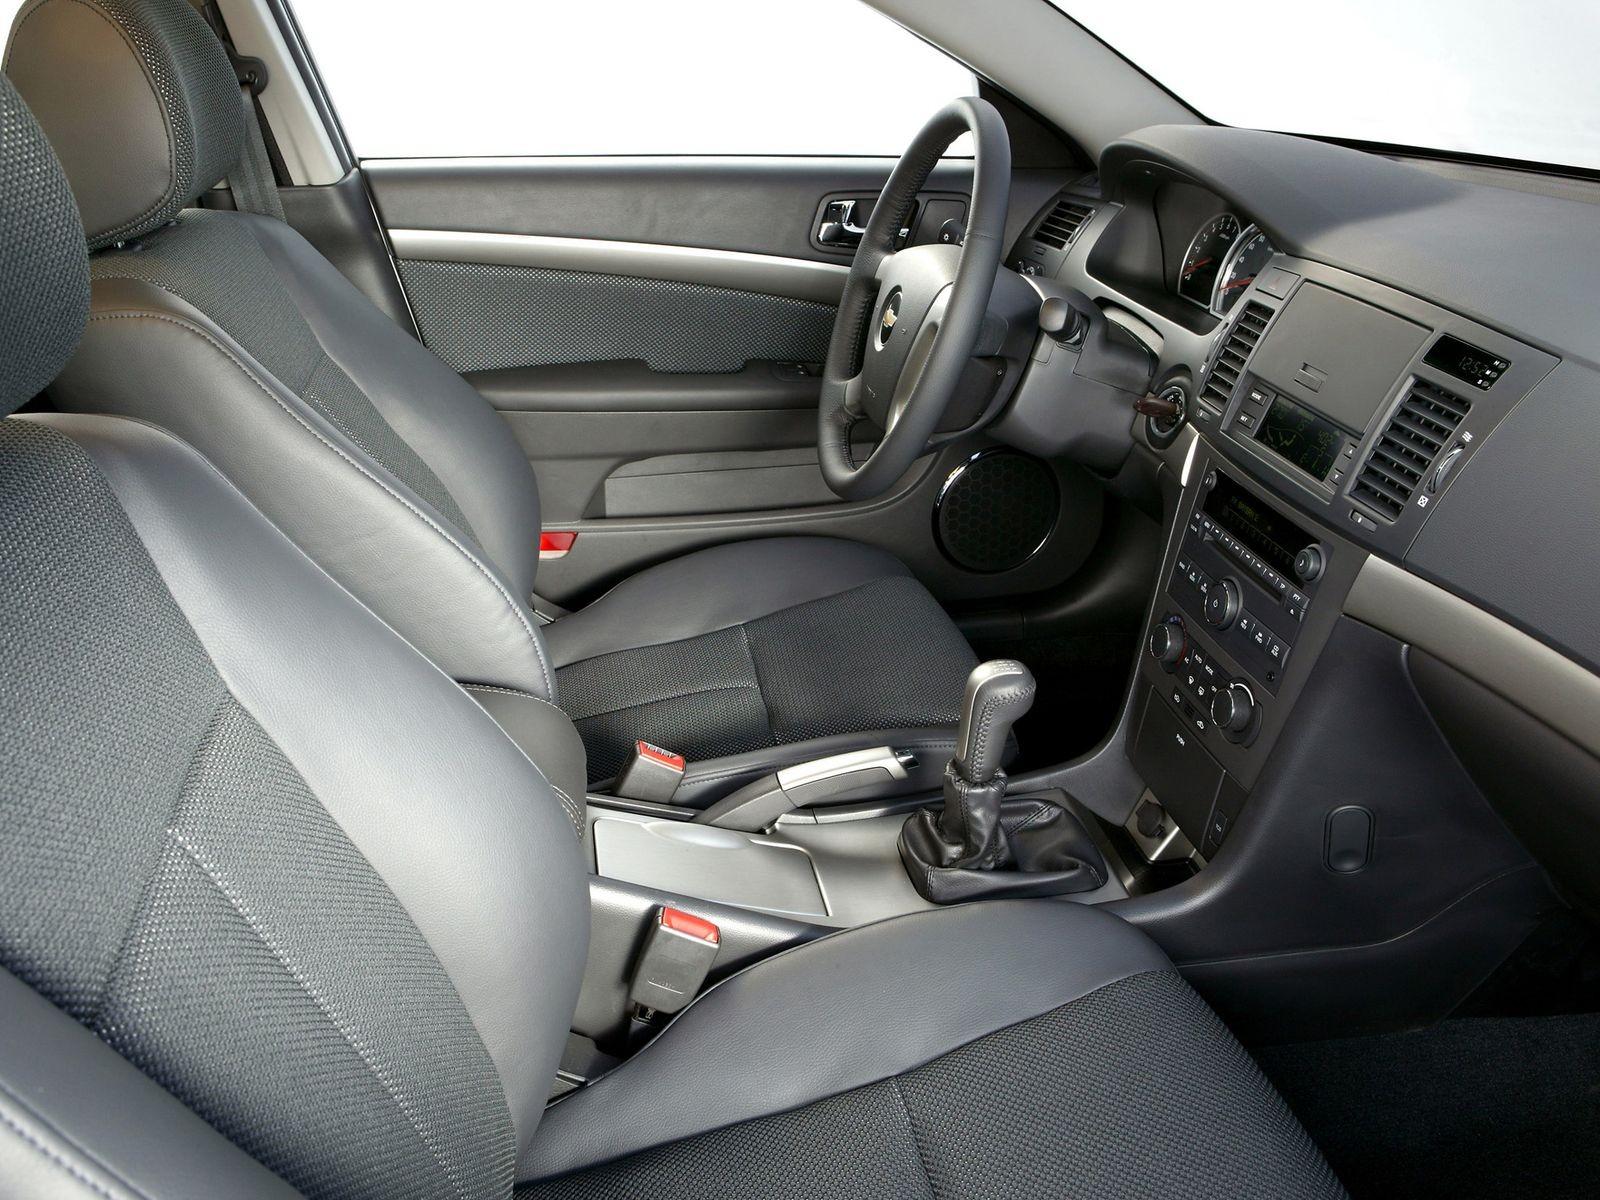 Много Daewoo, немного Chevrolet и нотка BMW: стоит ли покупать Chevrolet Epica за 500 тысяч